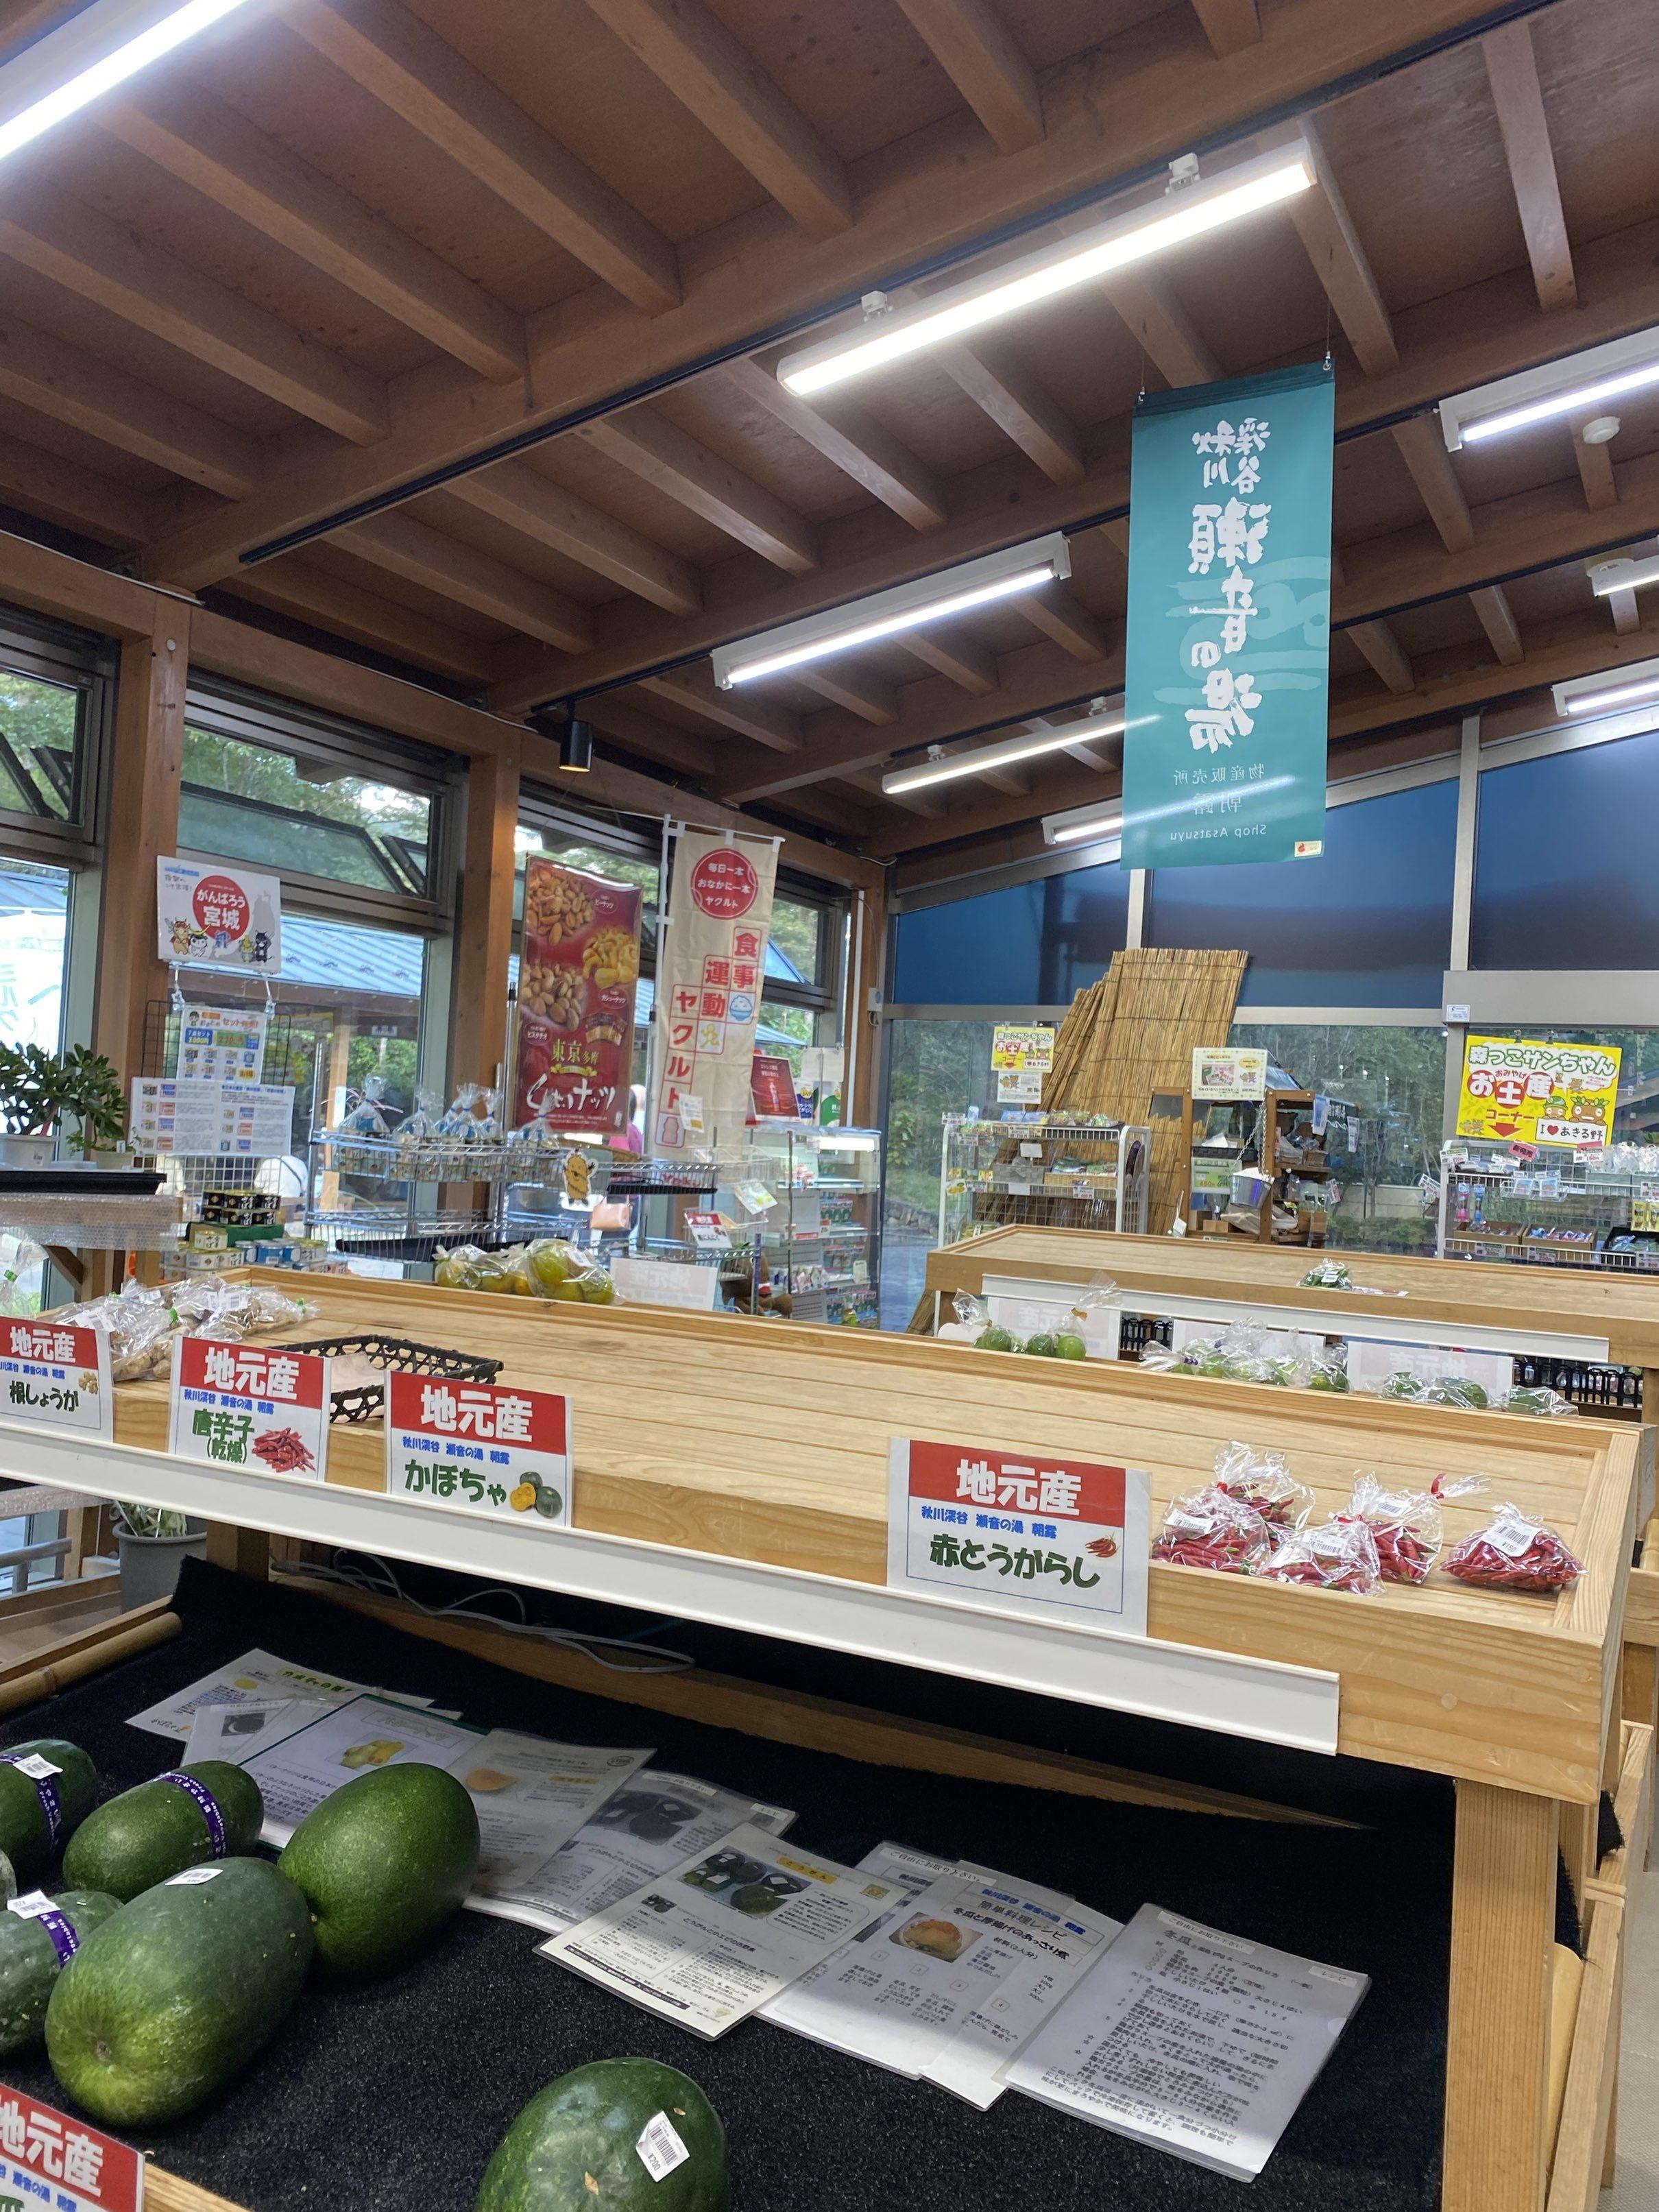 地元で出来たお野菜などが販売